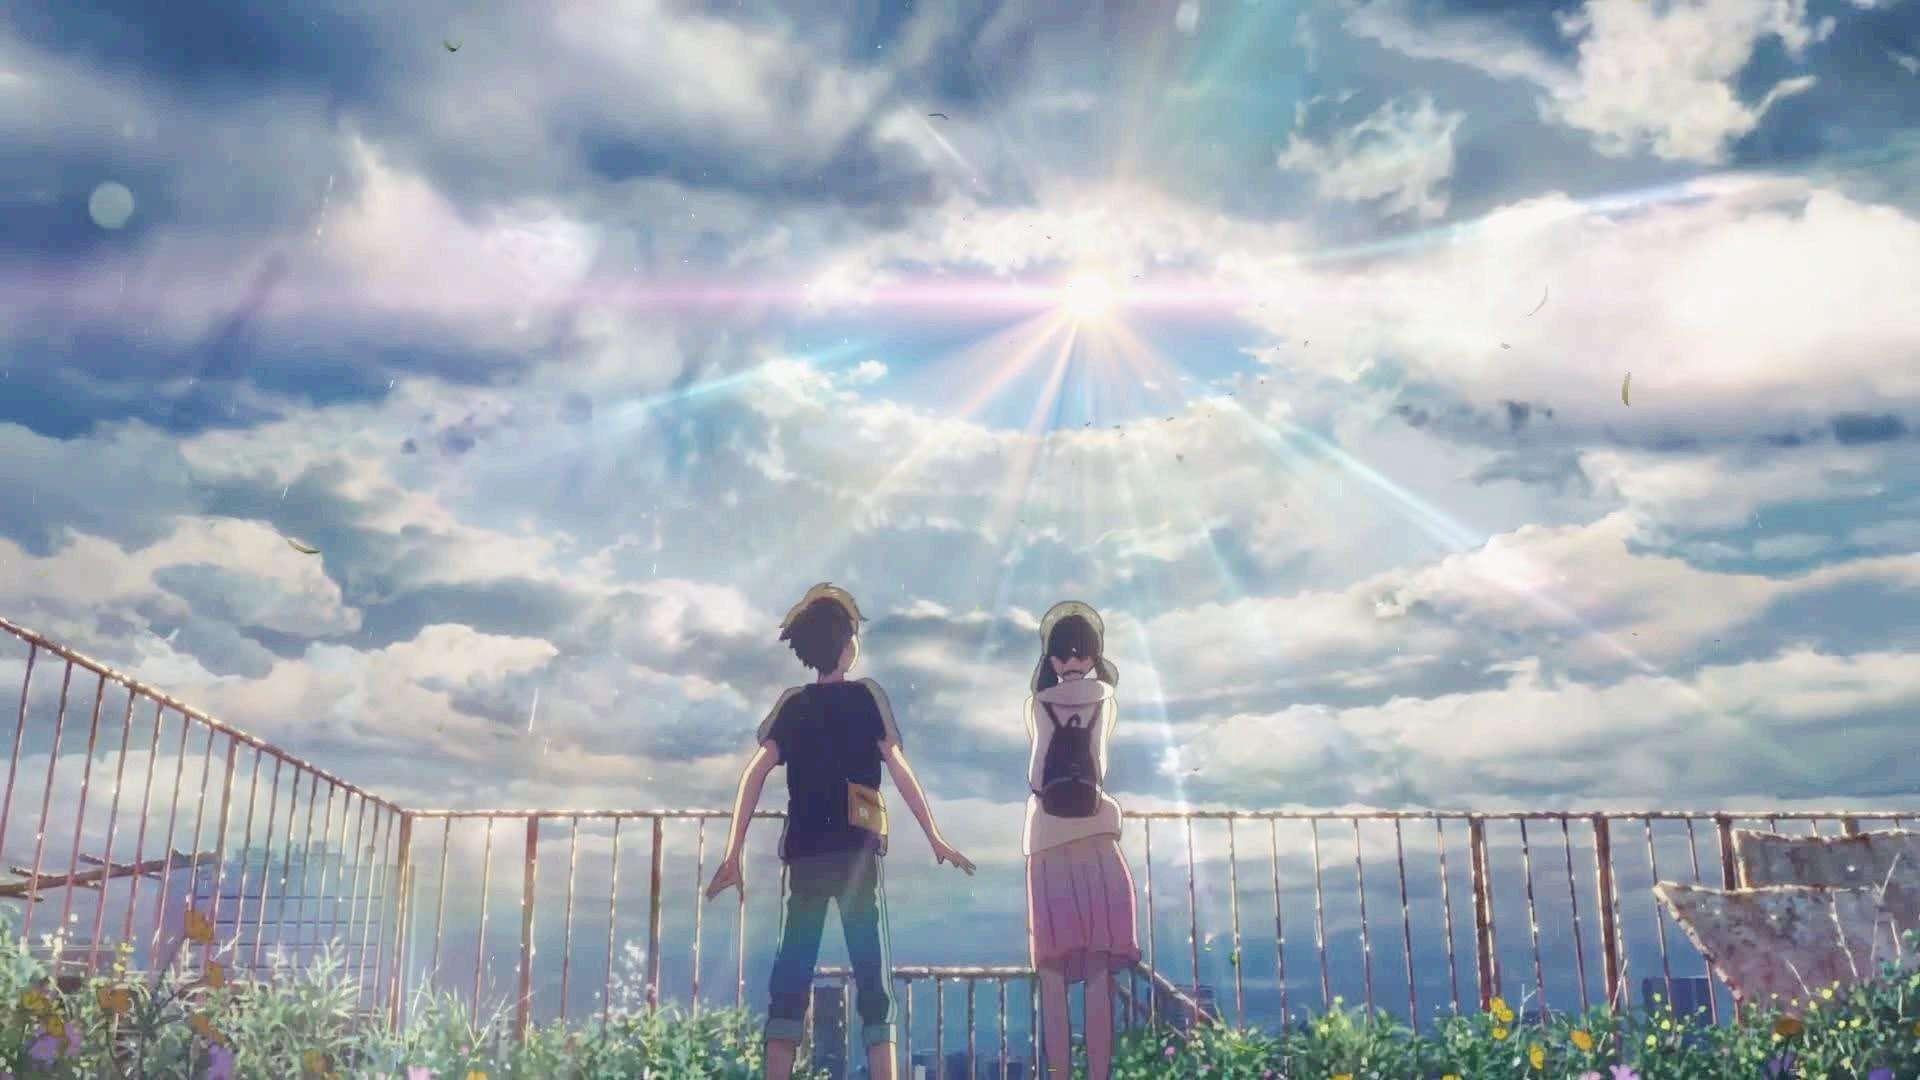 【官方】《天气之子》主题曲《爱能做到的还有什么》MV(演唱:RADWIMPS)